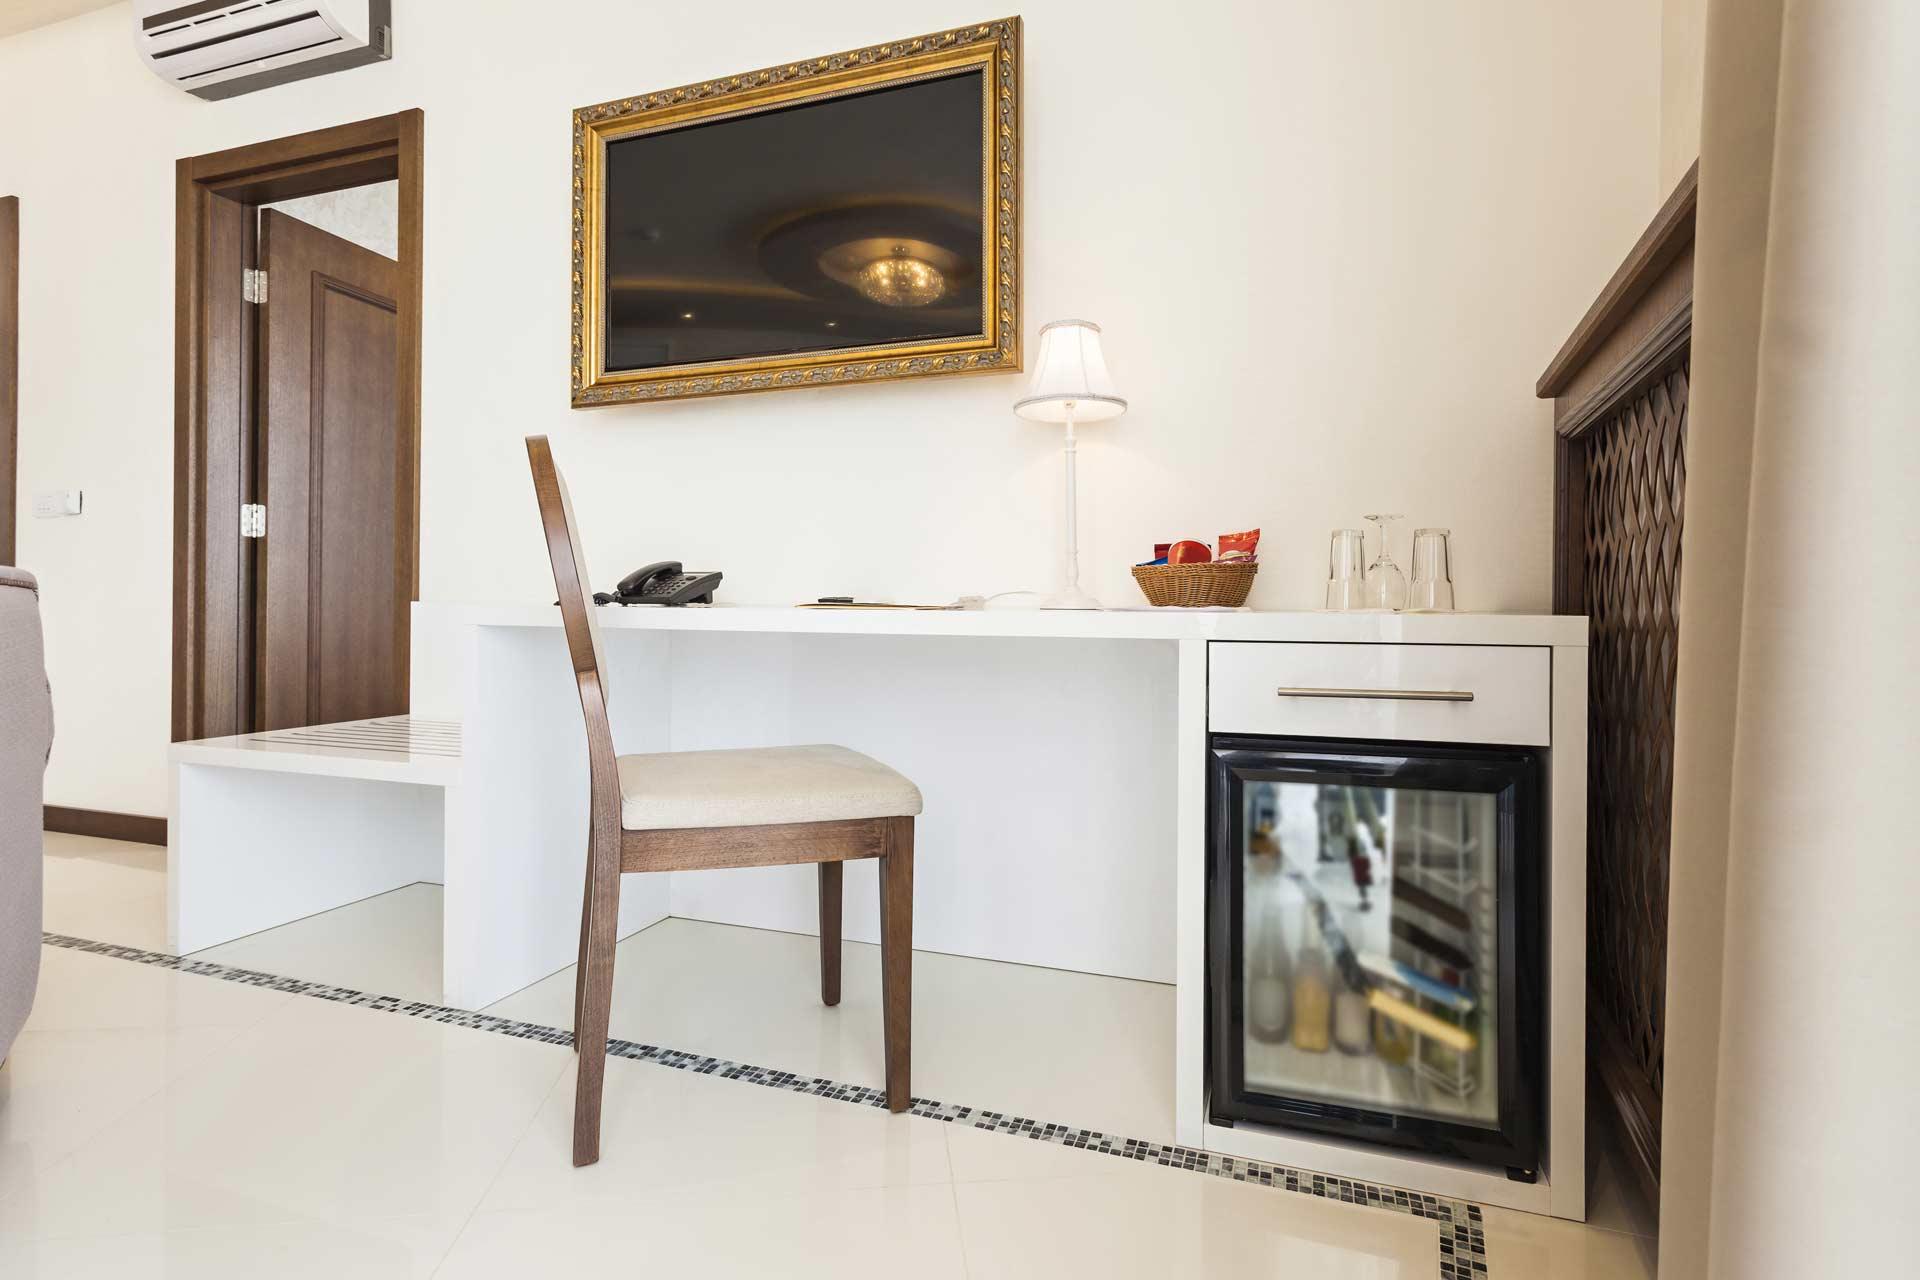 Dms Mini Kühlschrank : Minibar kühlschrank mini kühlschrank 65 liter minibar weiß